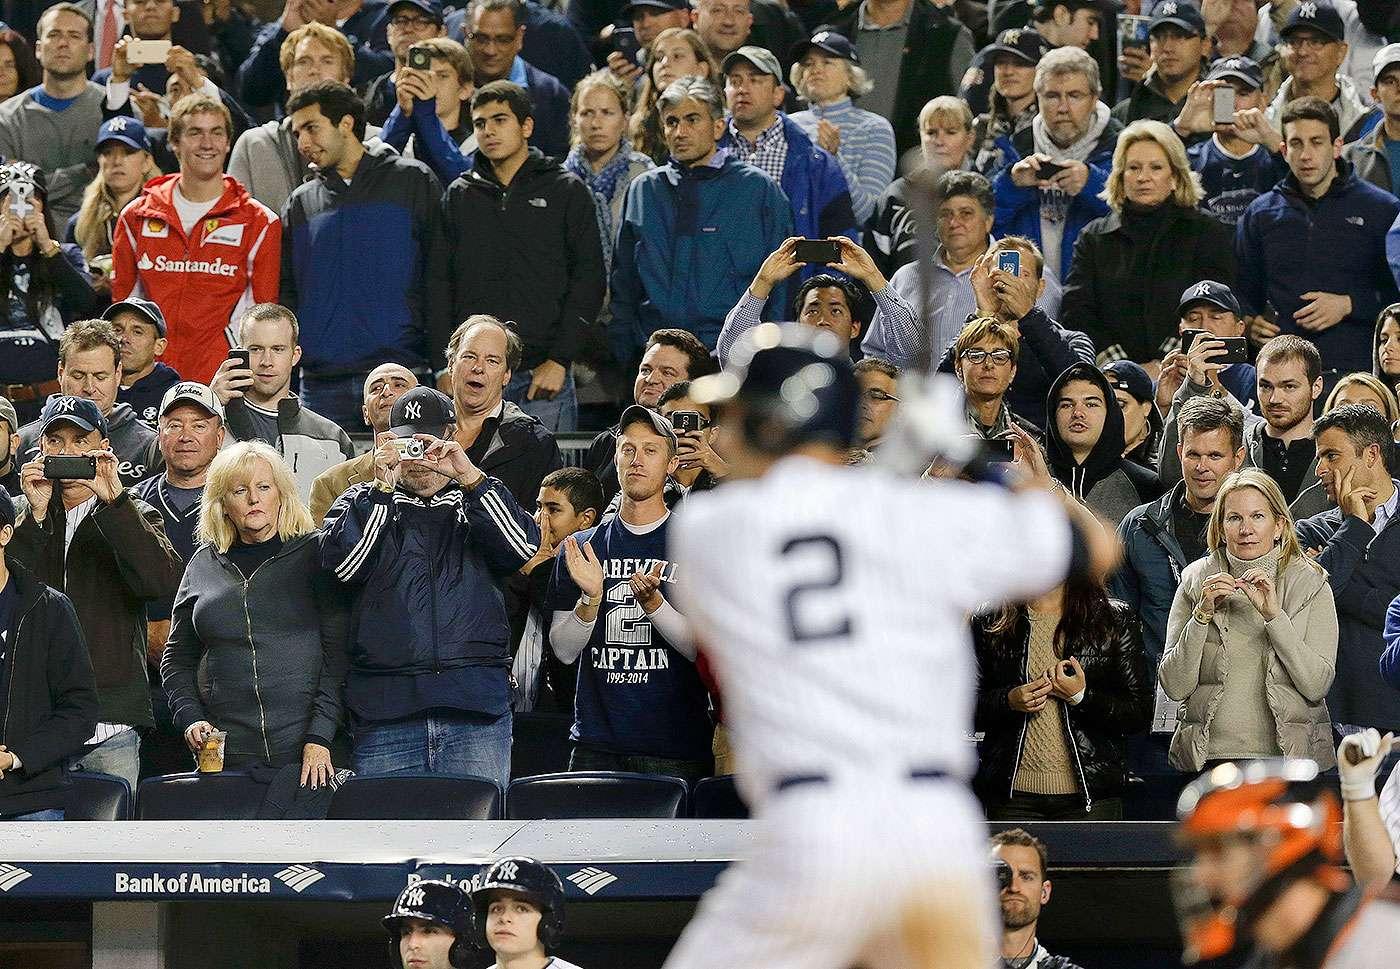 El parador en corto de los Yanquis de Nueva York, Derek Jeter, jugó su último partido en el Yankee Stadium tras 20 años de carrera en las Grandes Ligas. Jeter bateó de 3-5 con tres carreras producidas y un ponche en el triunfo de los Yanquis por 6-5 sobre Orioles de Baltimore. Foto: AP